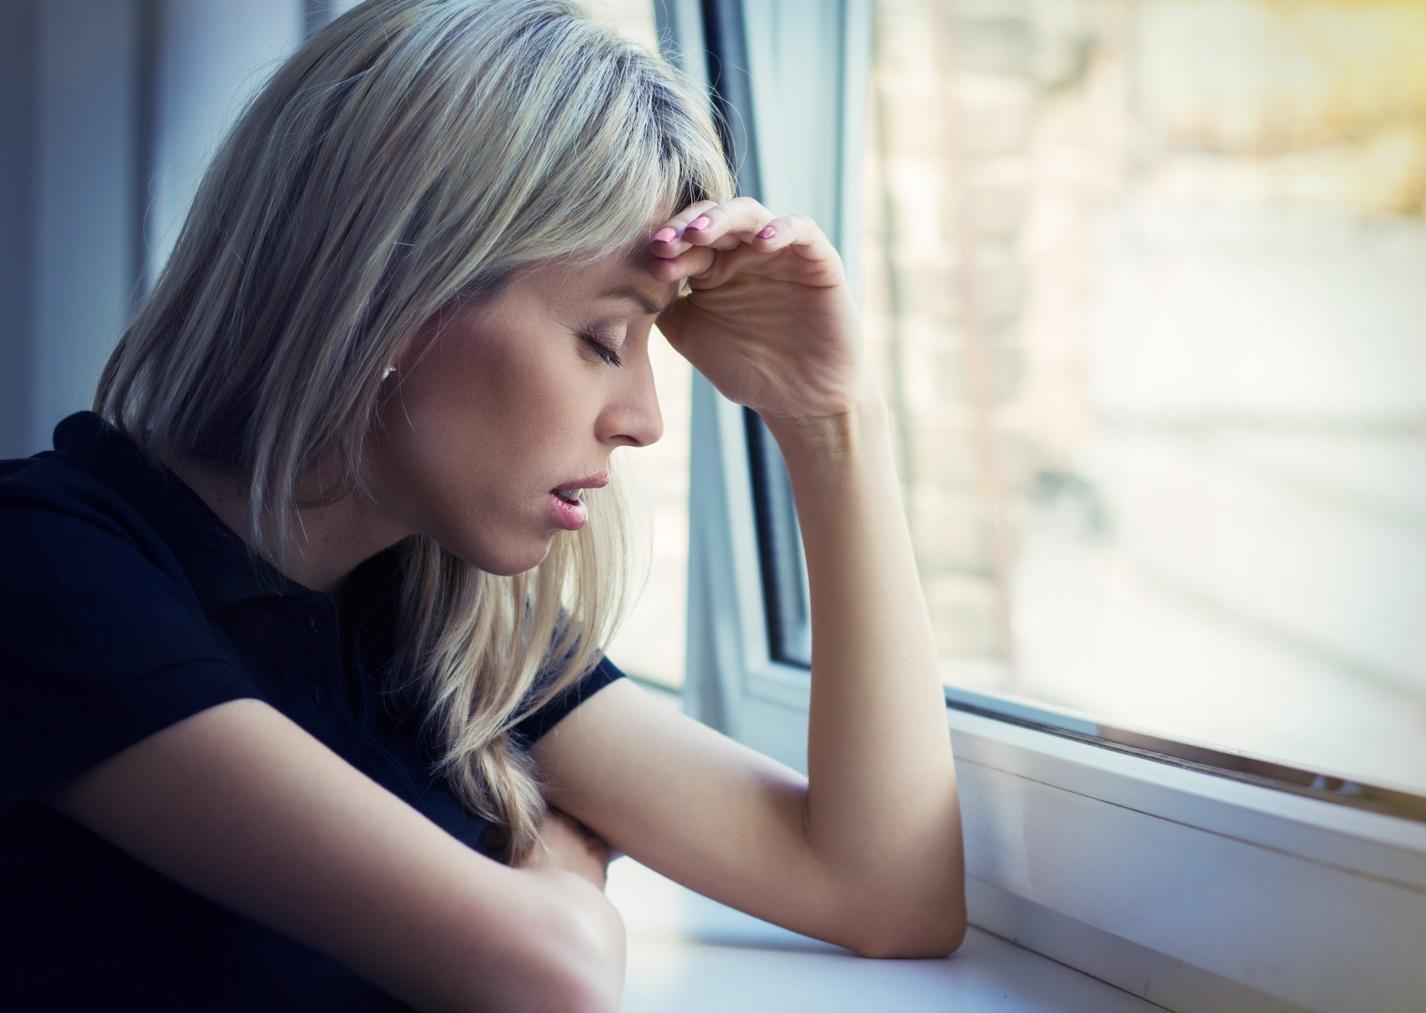 Szacunki mówią, że na świecie na depresję cierpi 320 mln ludzi. (fot. archiwum)